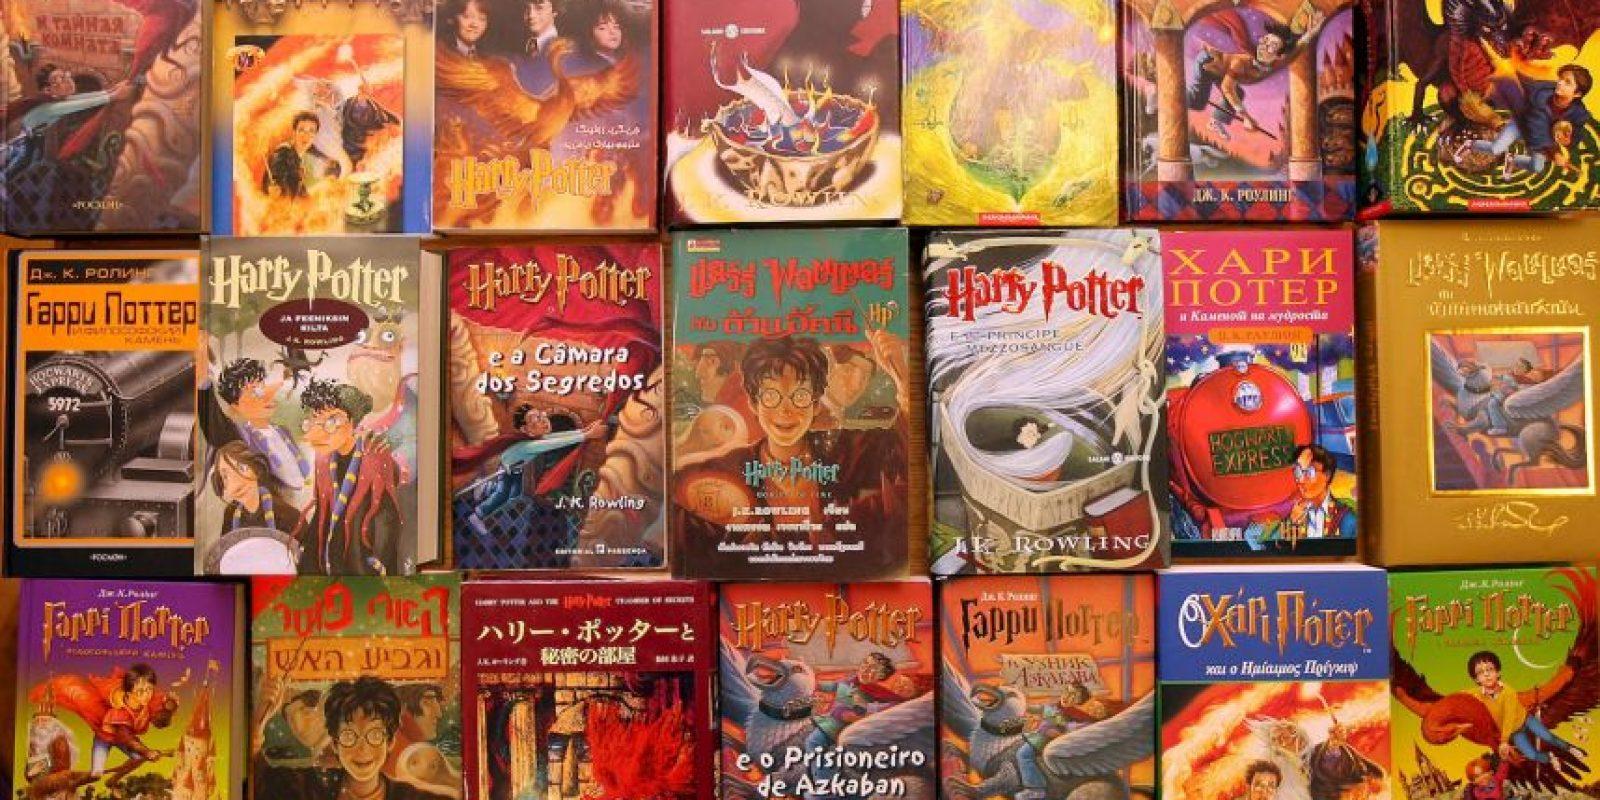 El primer tomo de lo escrito por J.K. Rowling se publicó en 1997 Foto:Getty Images